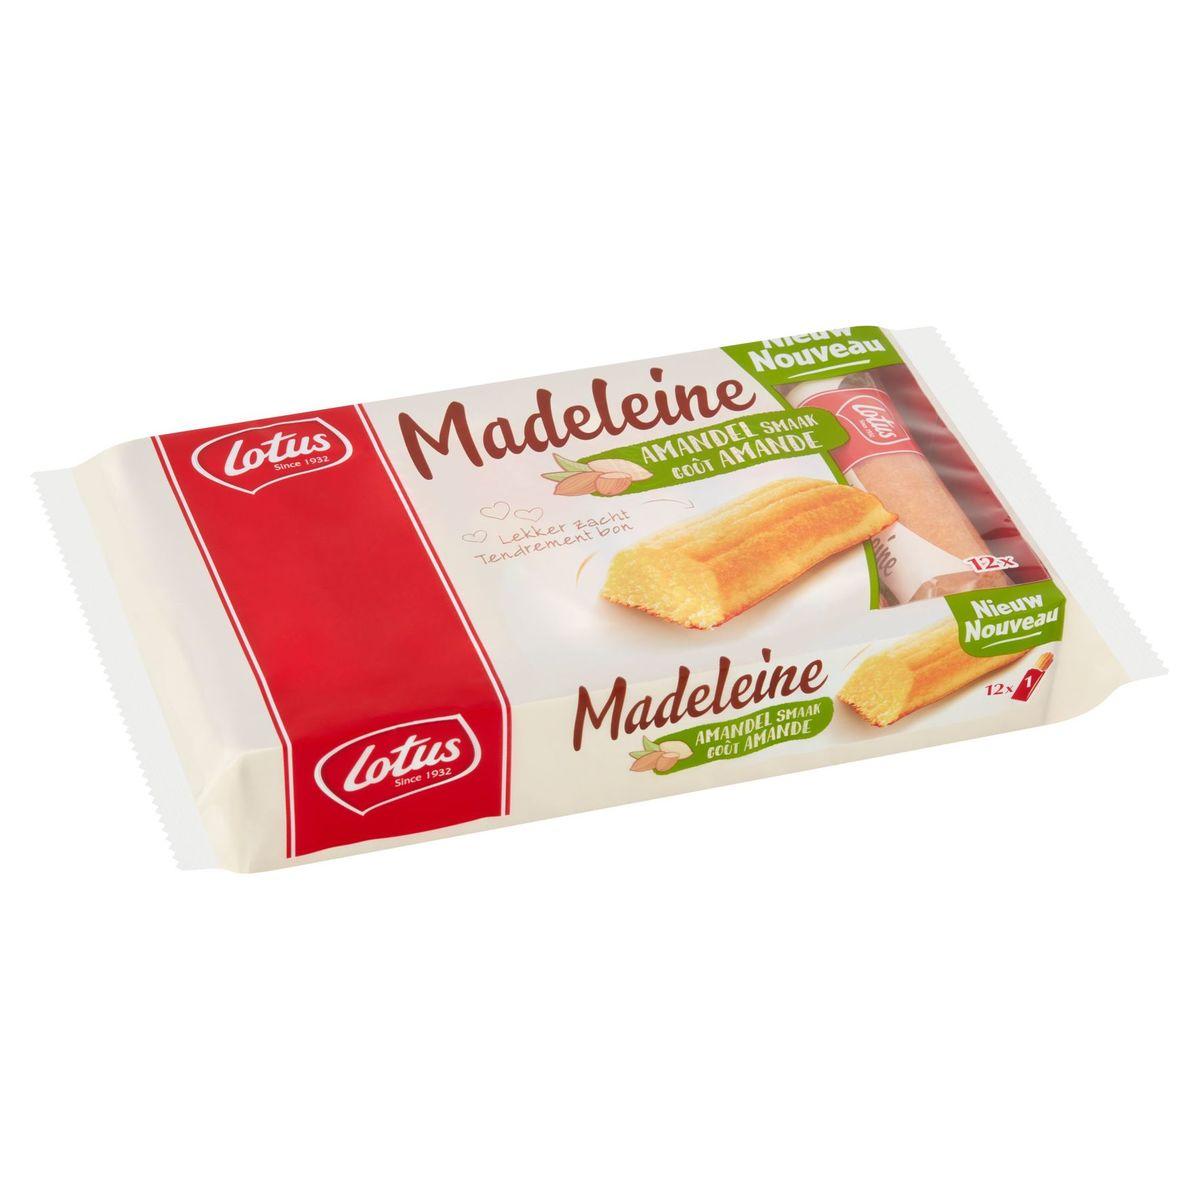 Lotus Madeleine Goût Amande 12 x 25 g